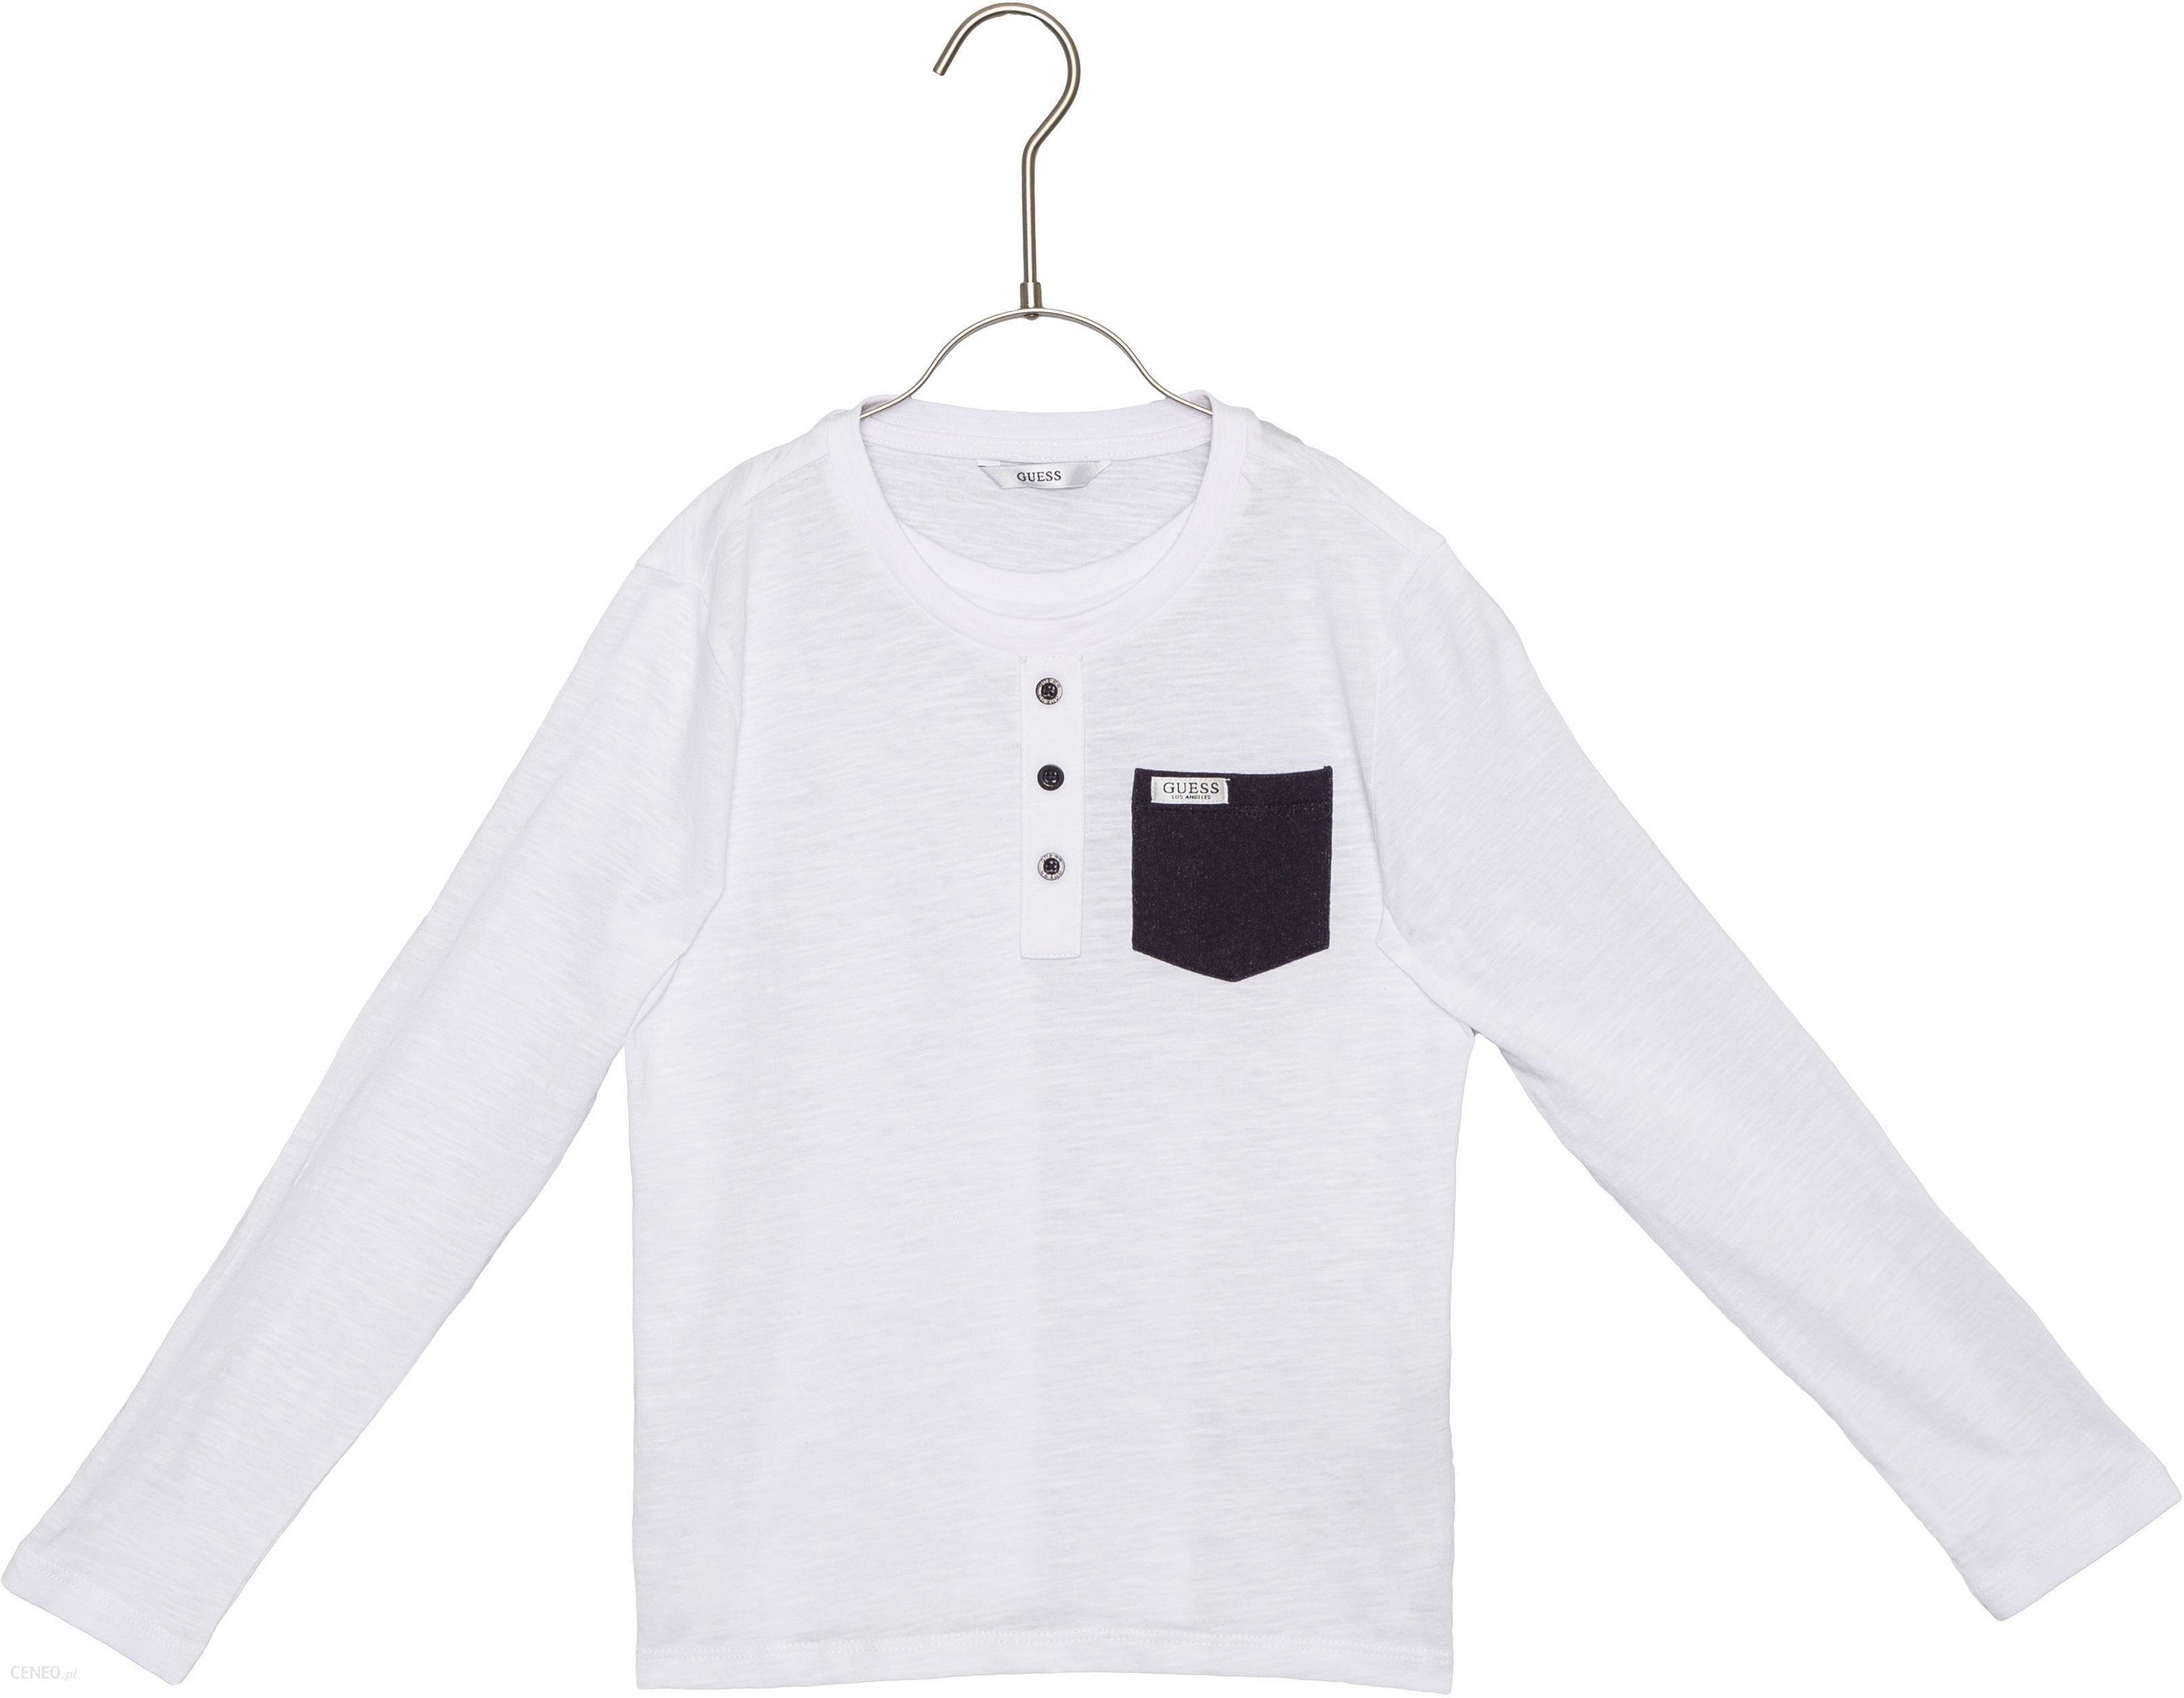 94c4b450a Guess Koszulka dziecięce Biały 8 lat - Ceny i opinie - Ceneo.pl